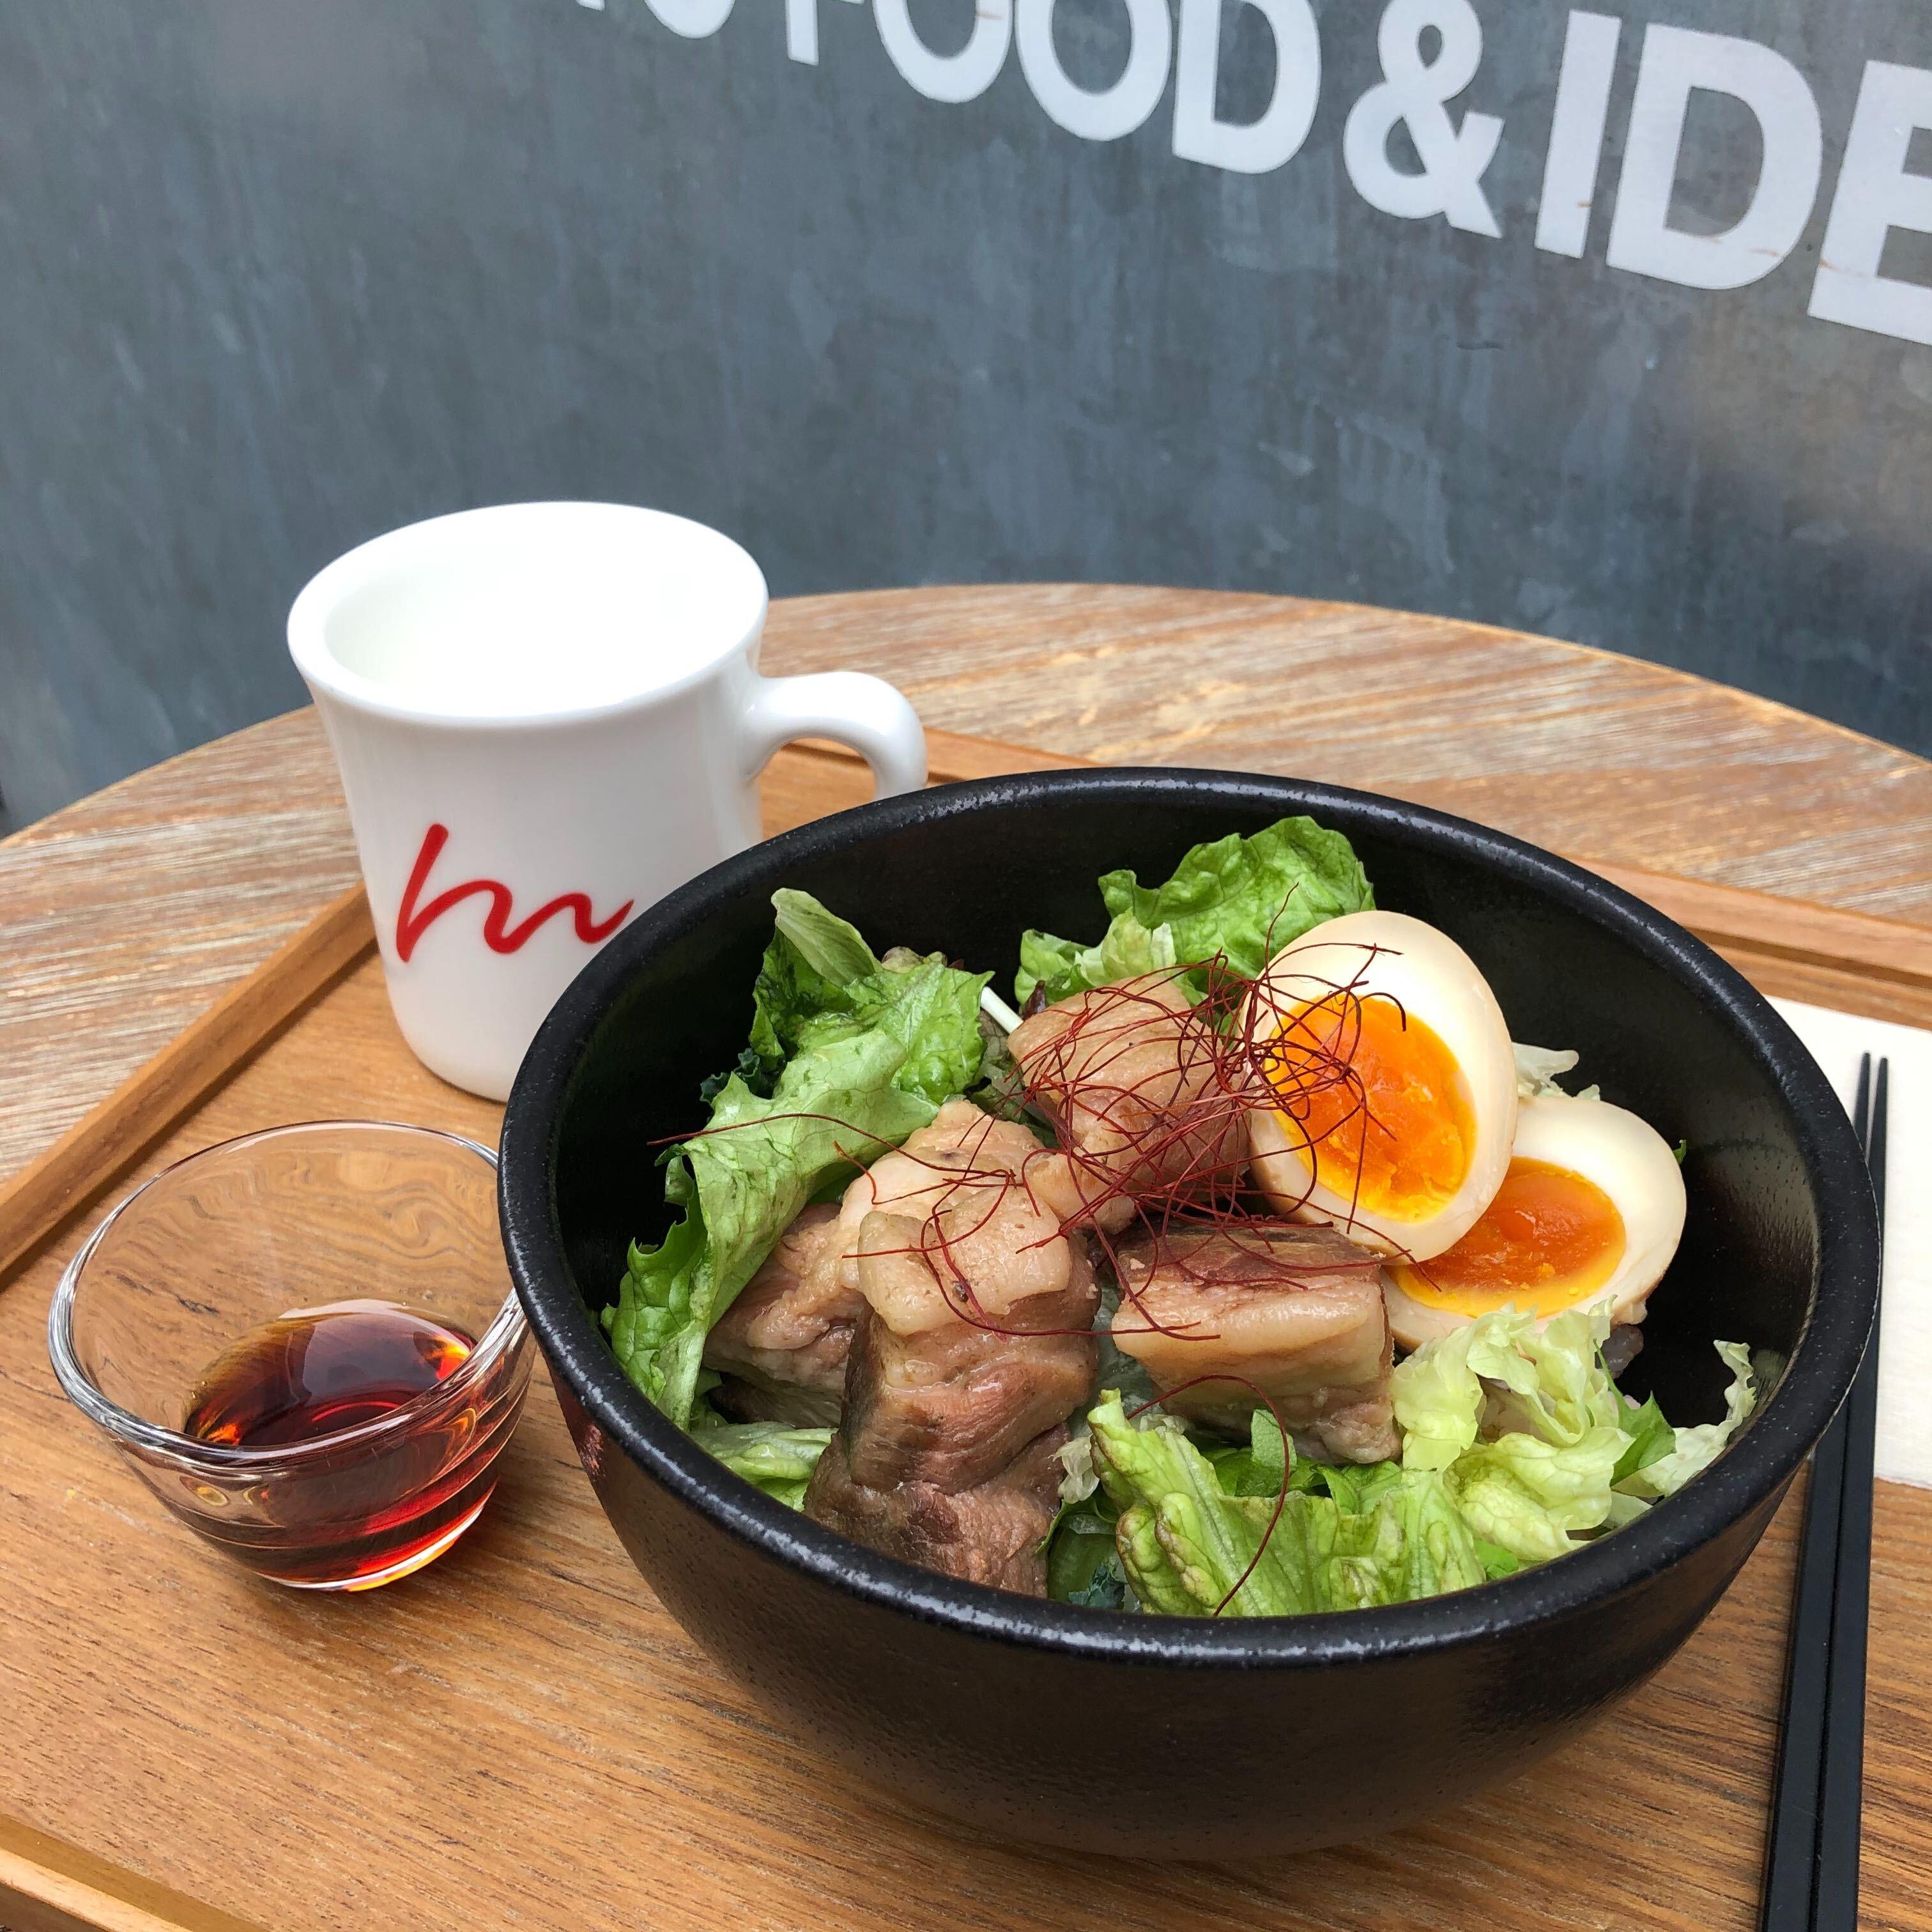 【新メニュー】人肌でとろけるような深い甘み!「32℃豚のトンポーロー丼」のイメージ画像